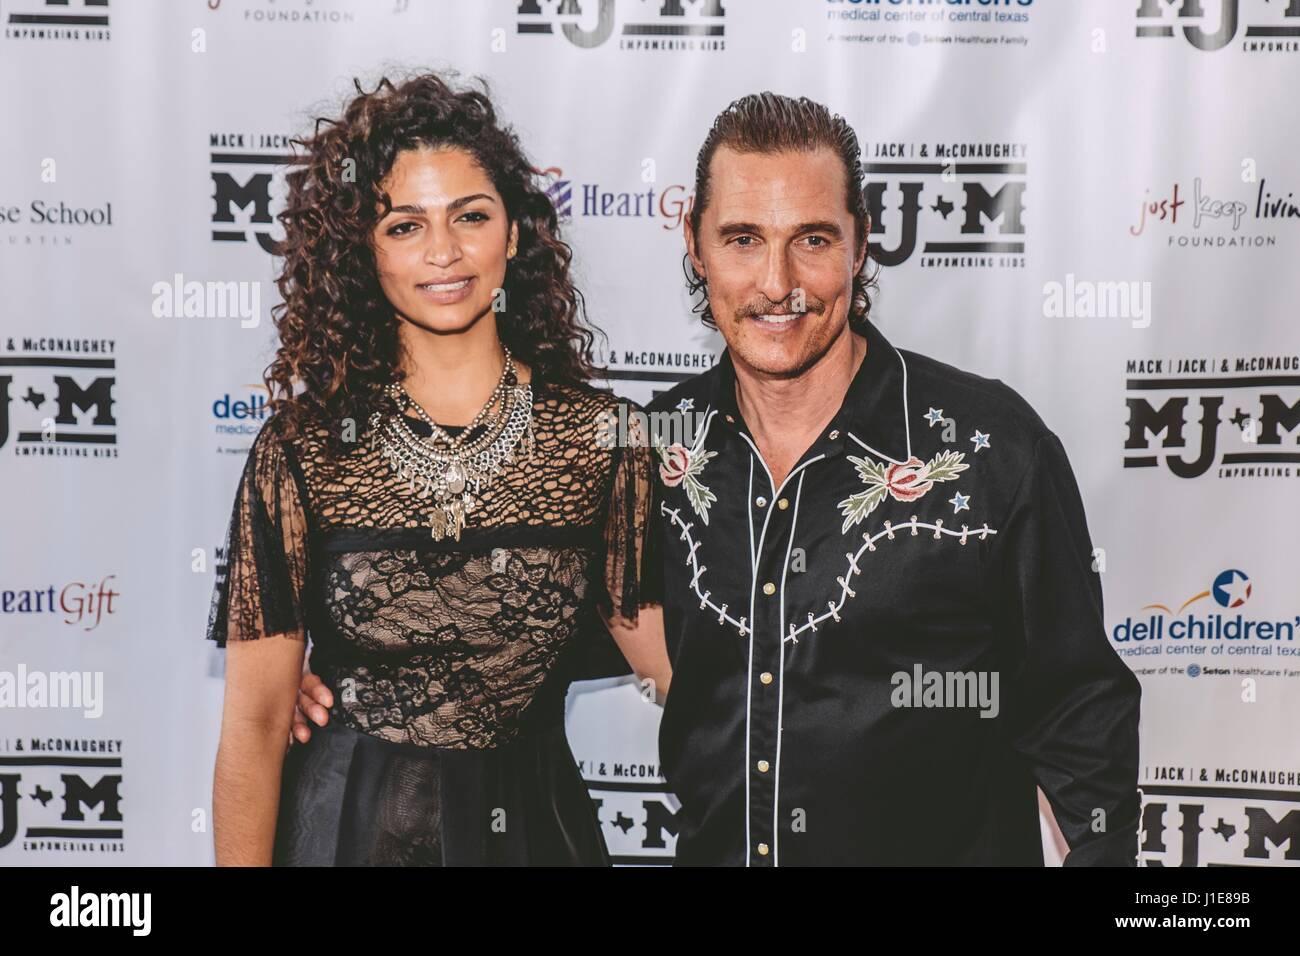 Austin, Estados Unidos. 20 abr, 2017. Camila Alves, Matthew McConaughey llegue al 2017 Mack, Jack & McConaughey Imagen De Stock